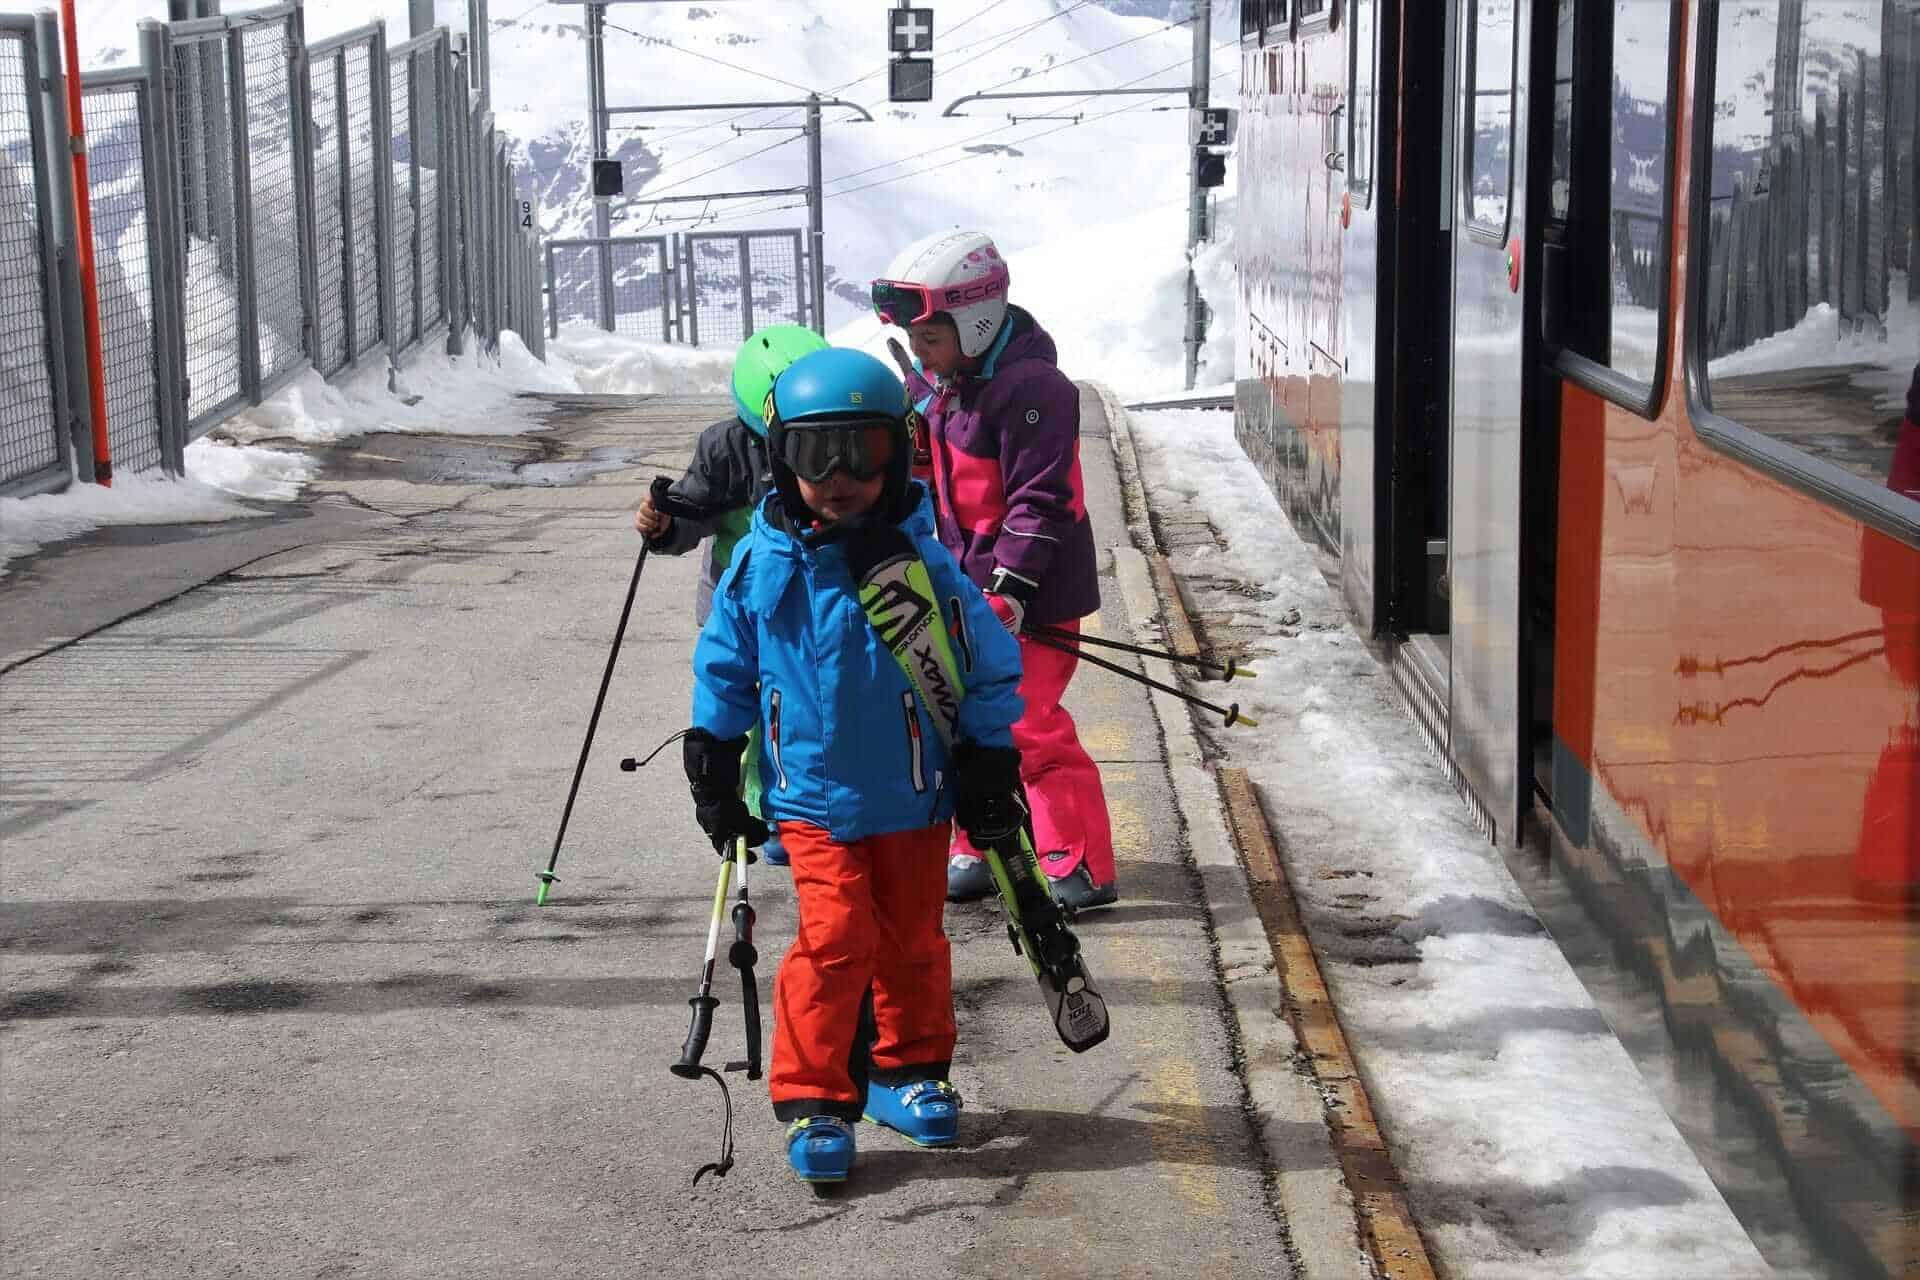 Traveling with children in Switzerland